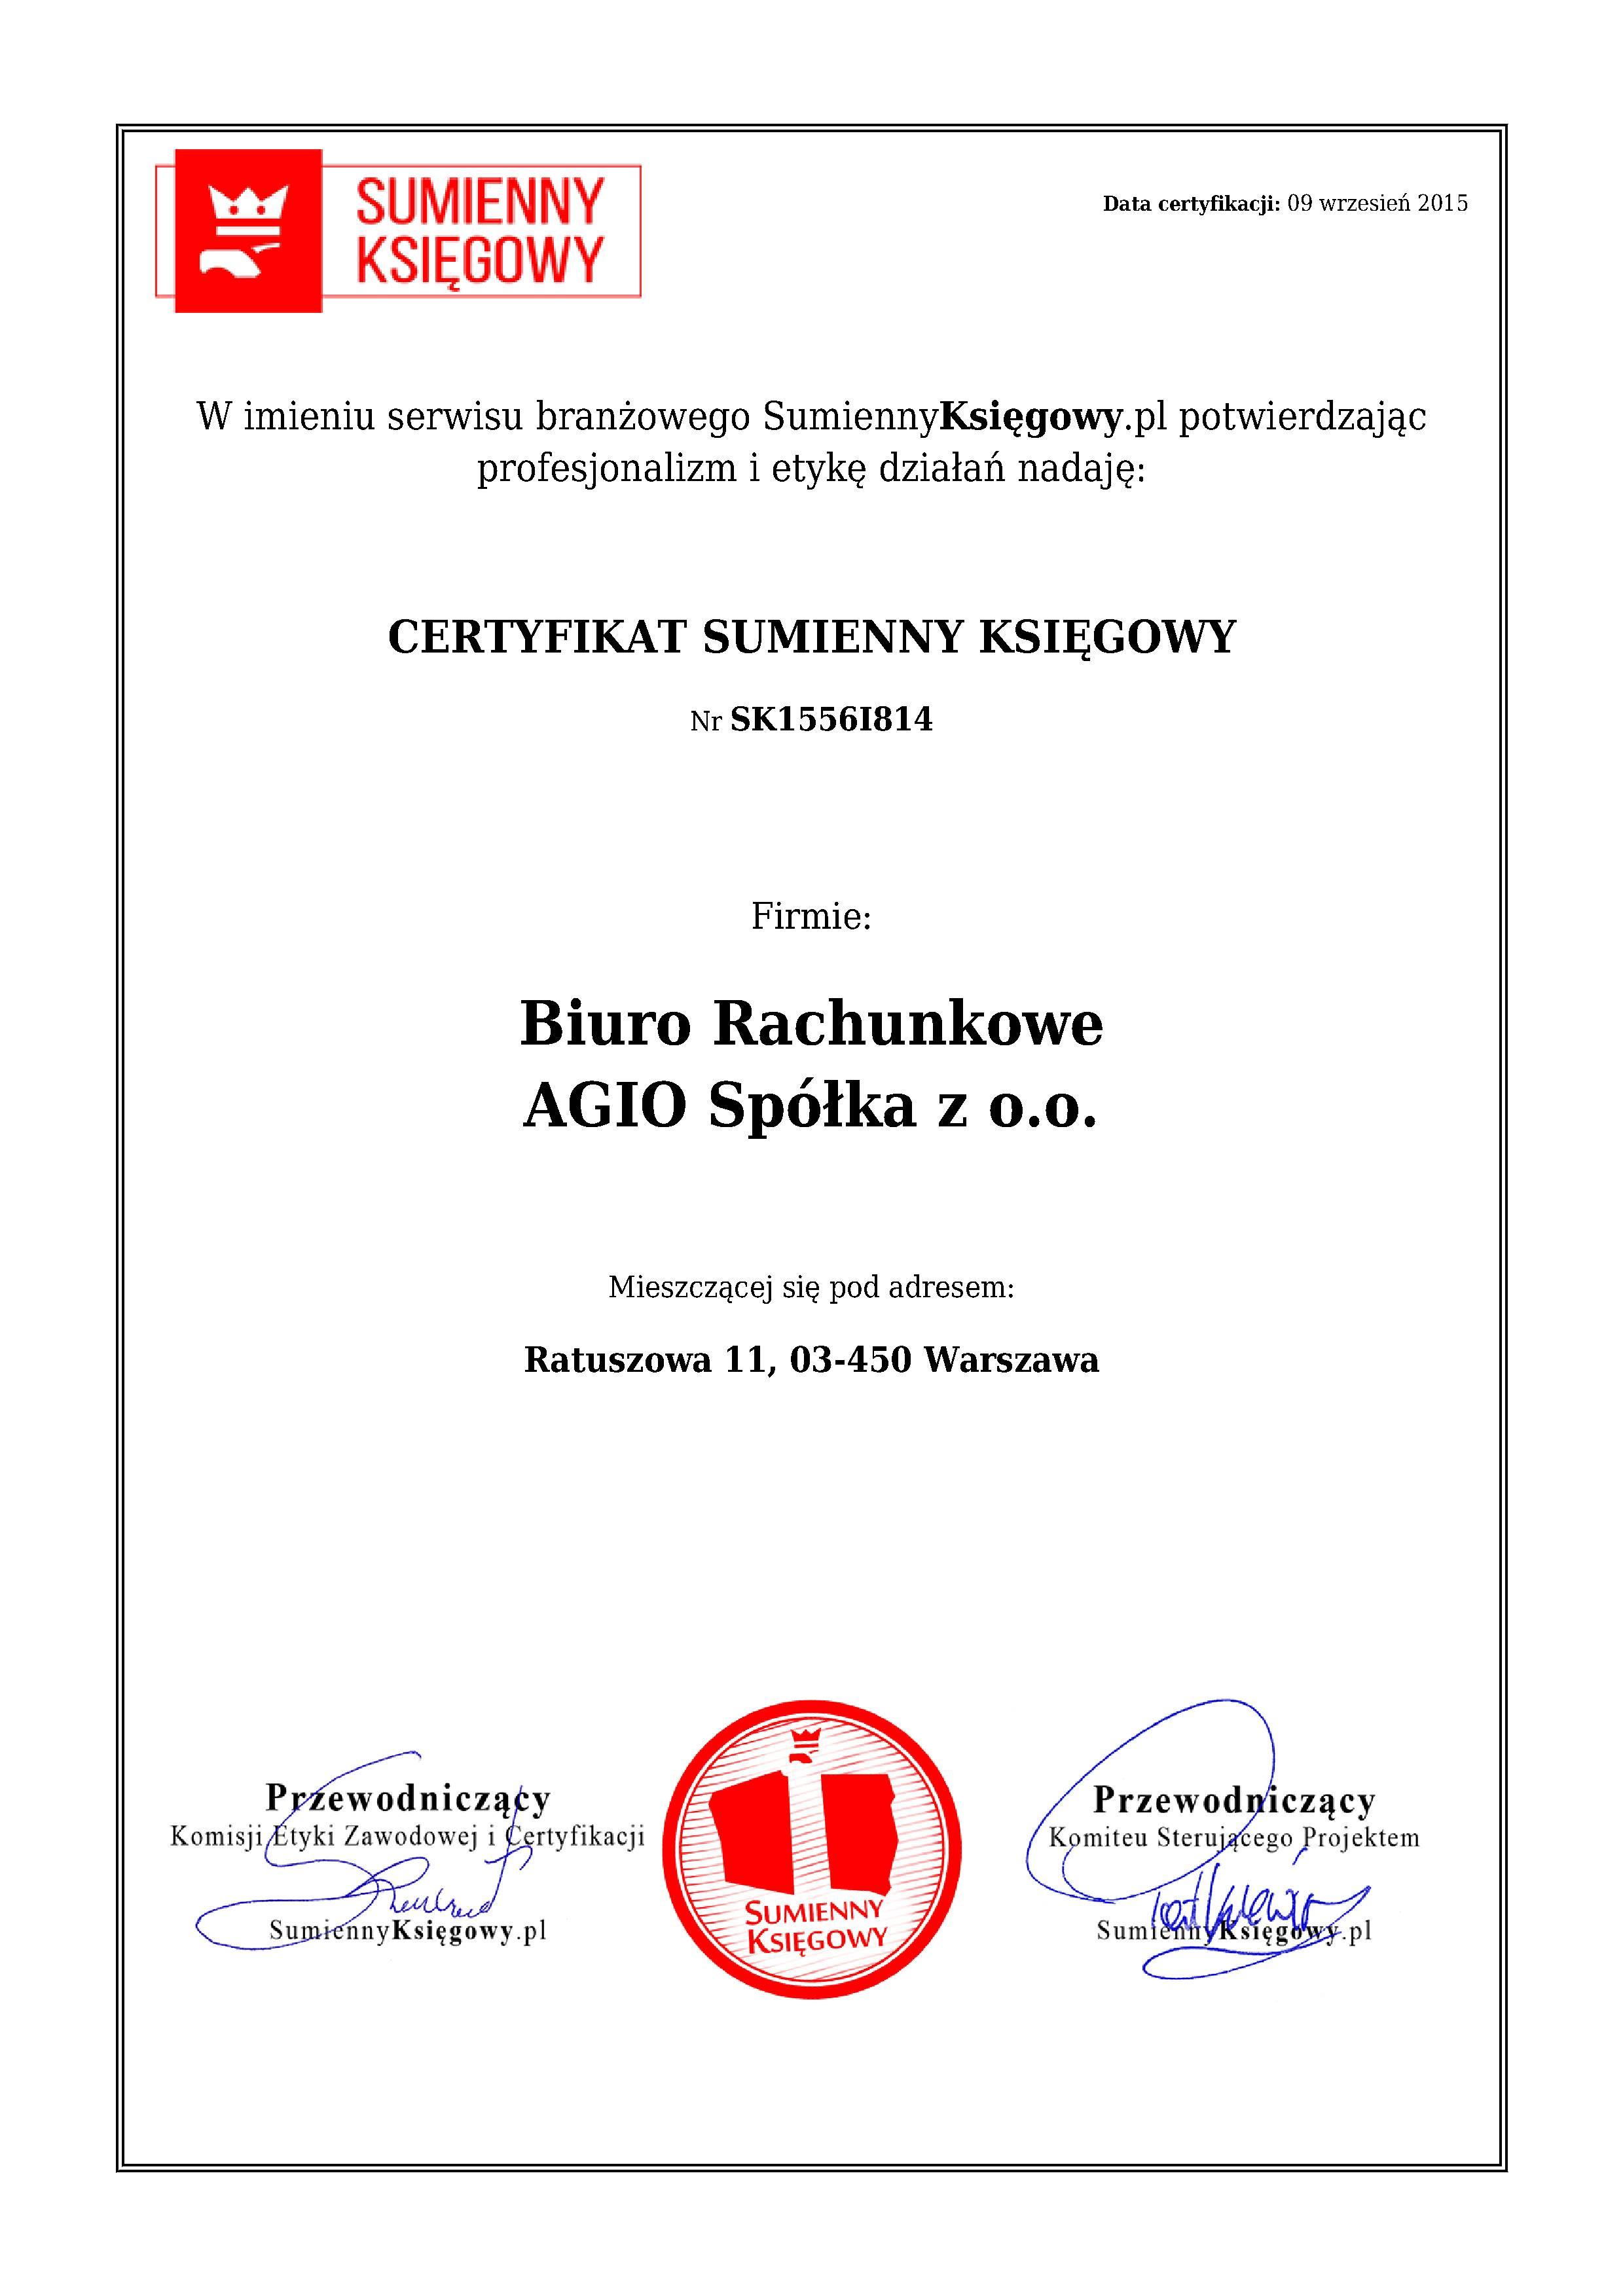 Certyfikat Biuro Rachunkowe AGIO Spółka z o.o.